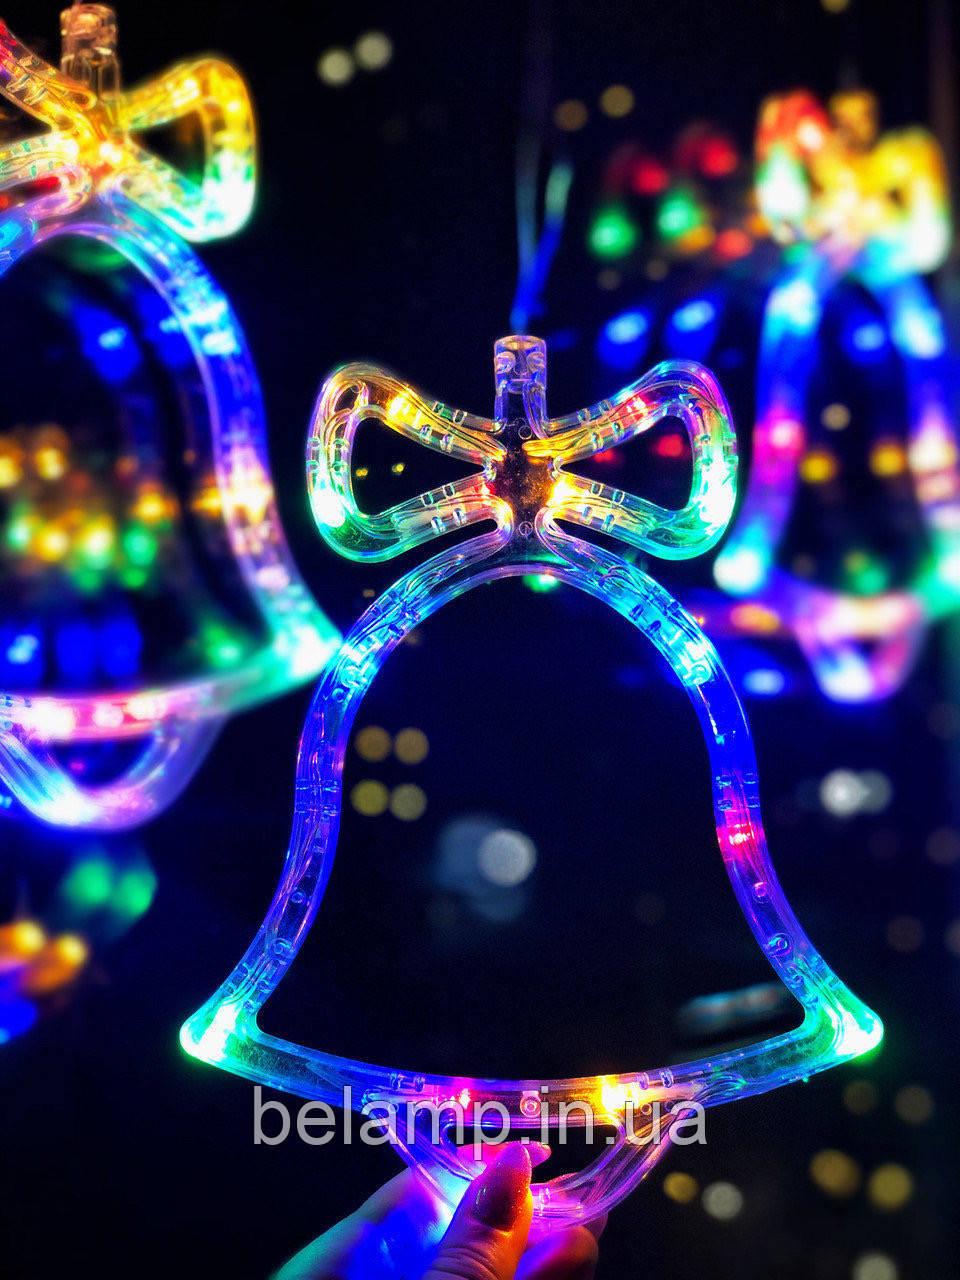 Новорічний дзвіночок різнобарвний: прикраса на вікно. ціна за 1 дзвіночок